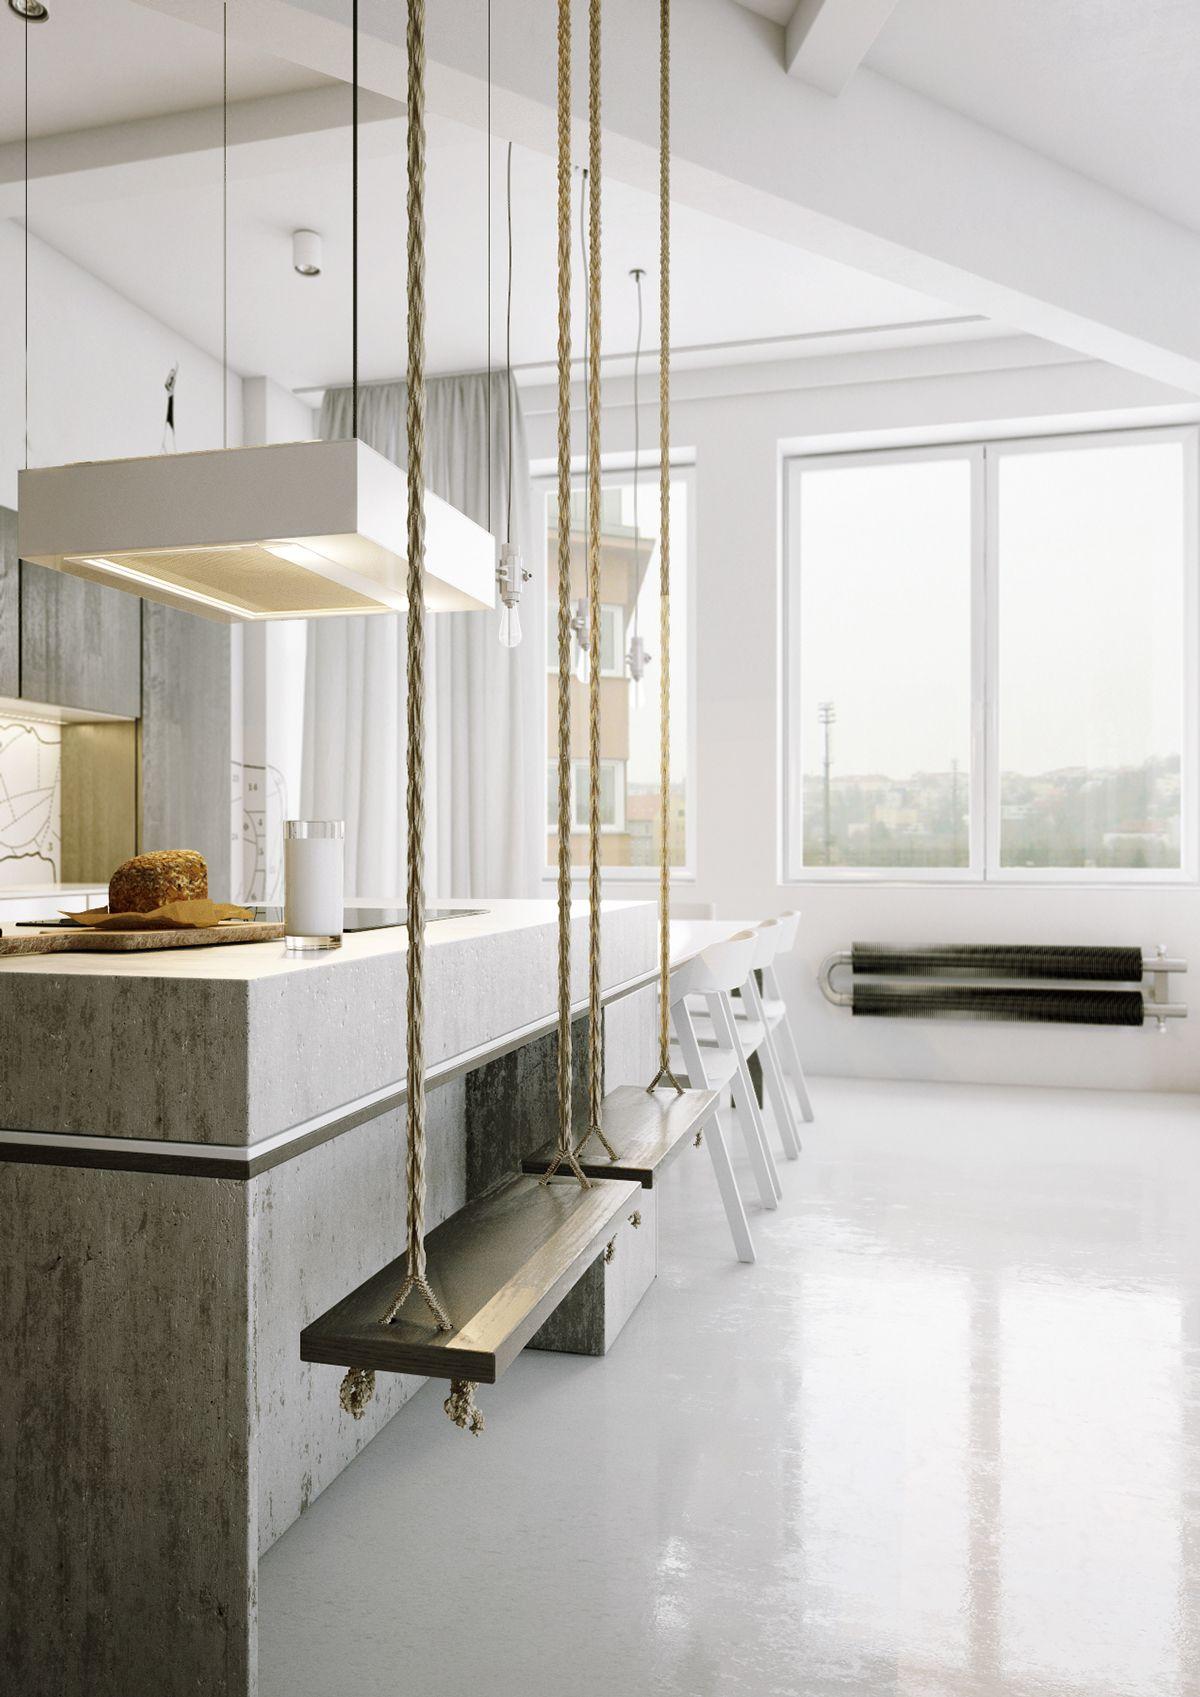 Höhö. Spass. | Kitchen Design | Pinterest | Küche, Wohnen und ...